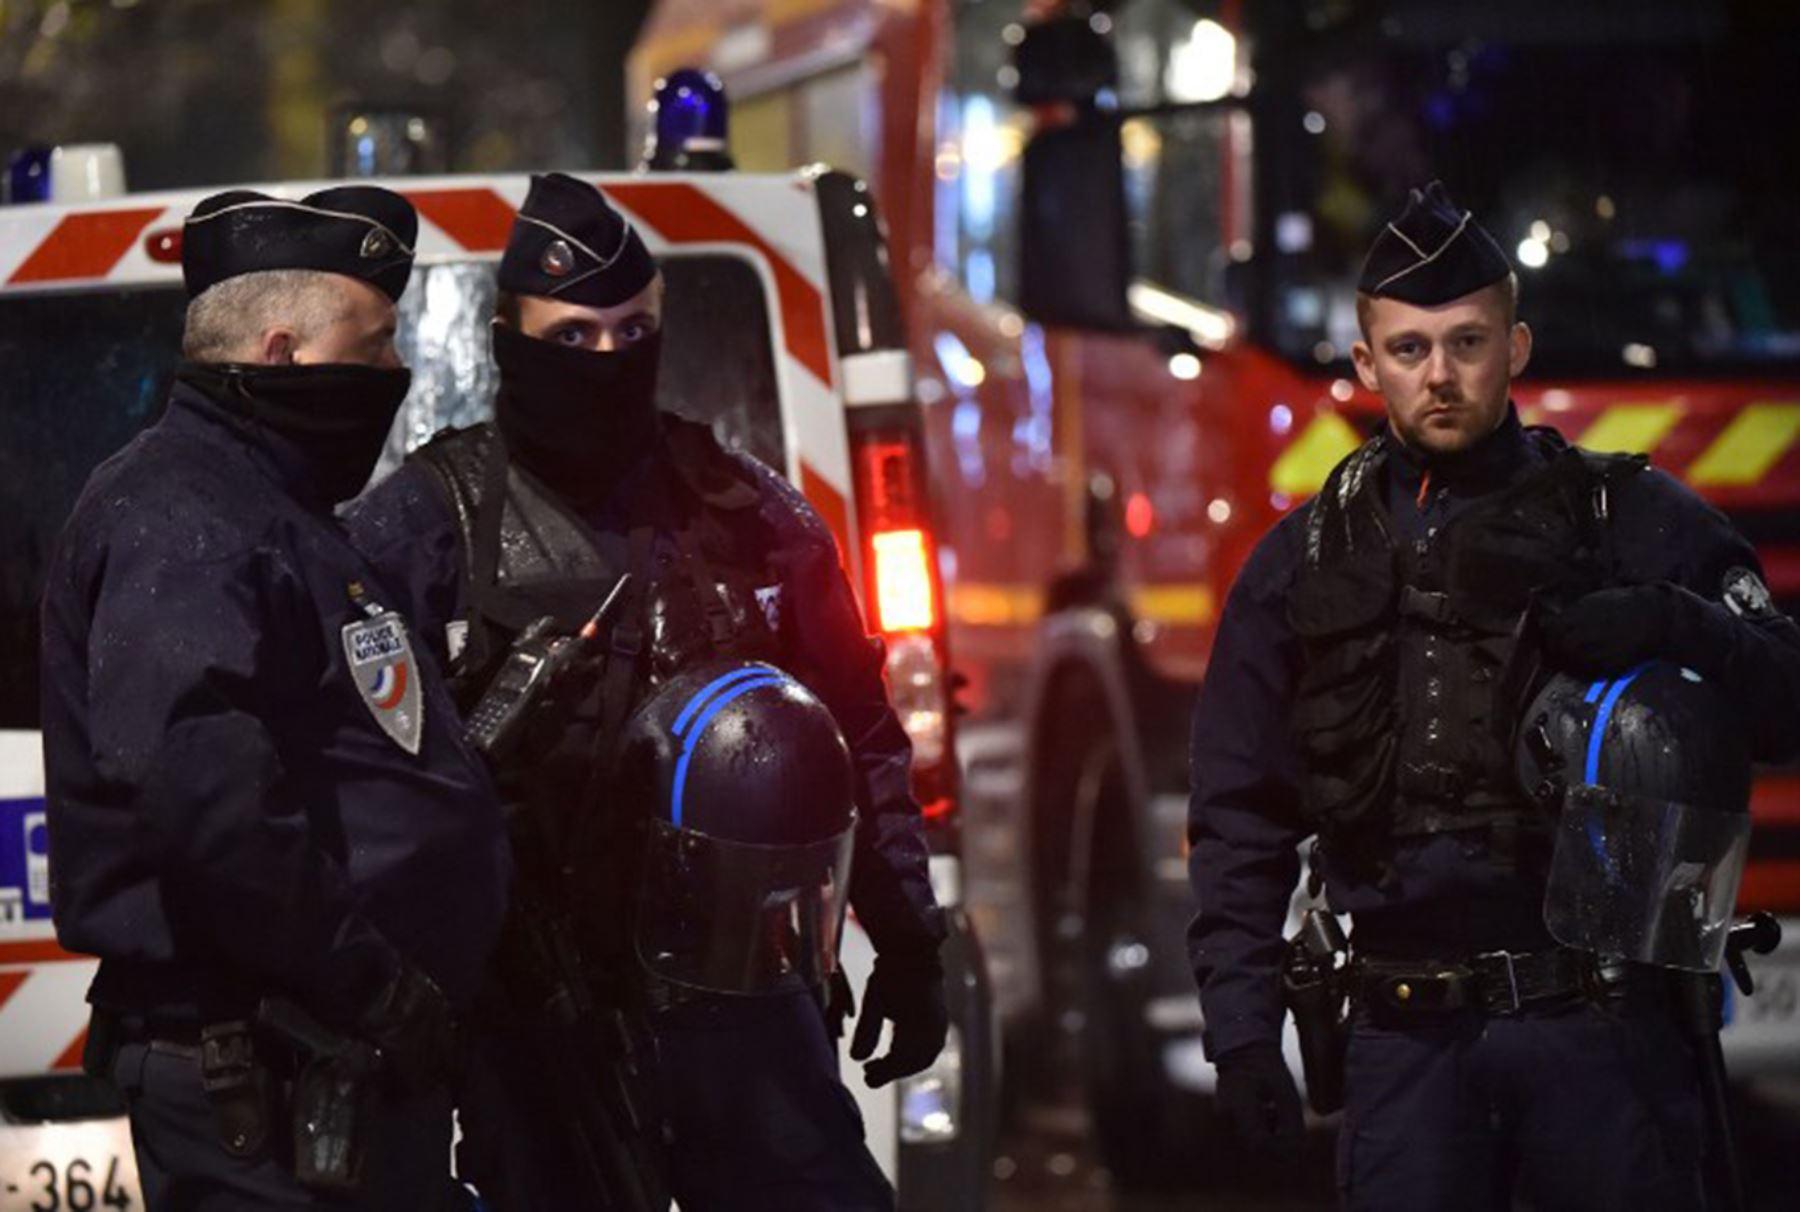 Policía acordona la zona cerca de donde hombres armados han tomado rehenes en la ciudad francesa de Roubaix. Foto: AFP